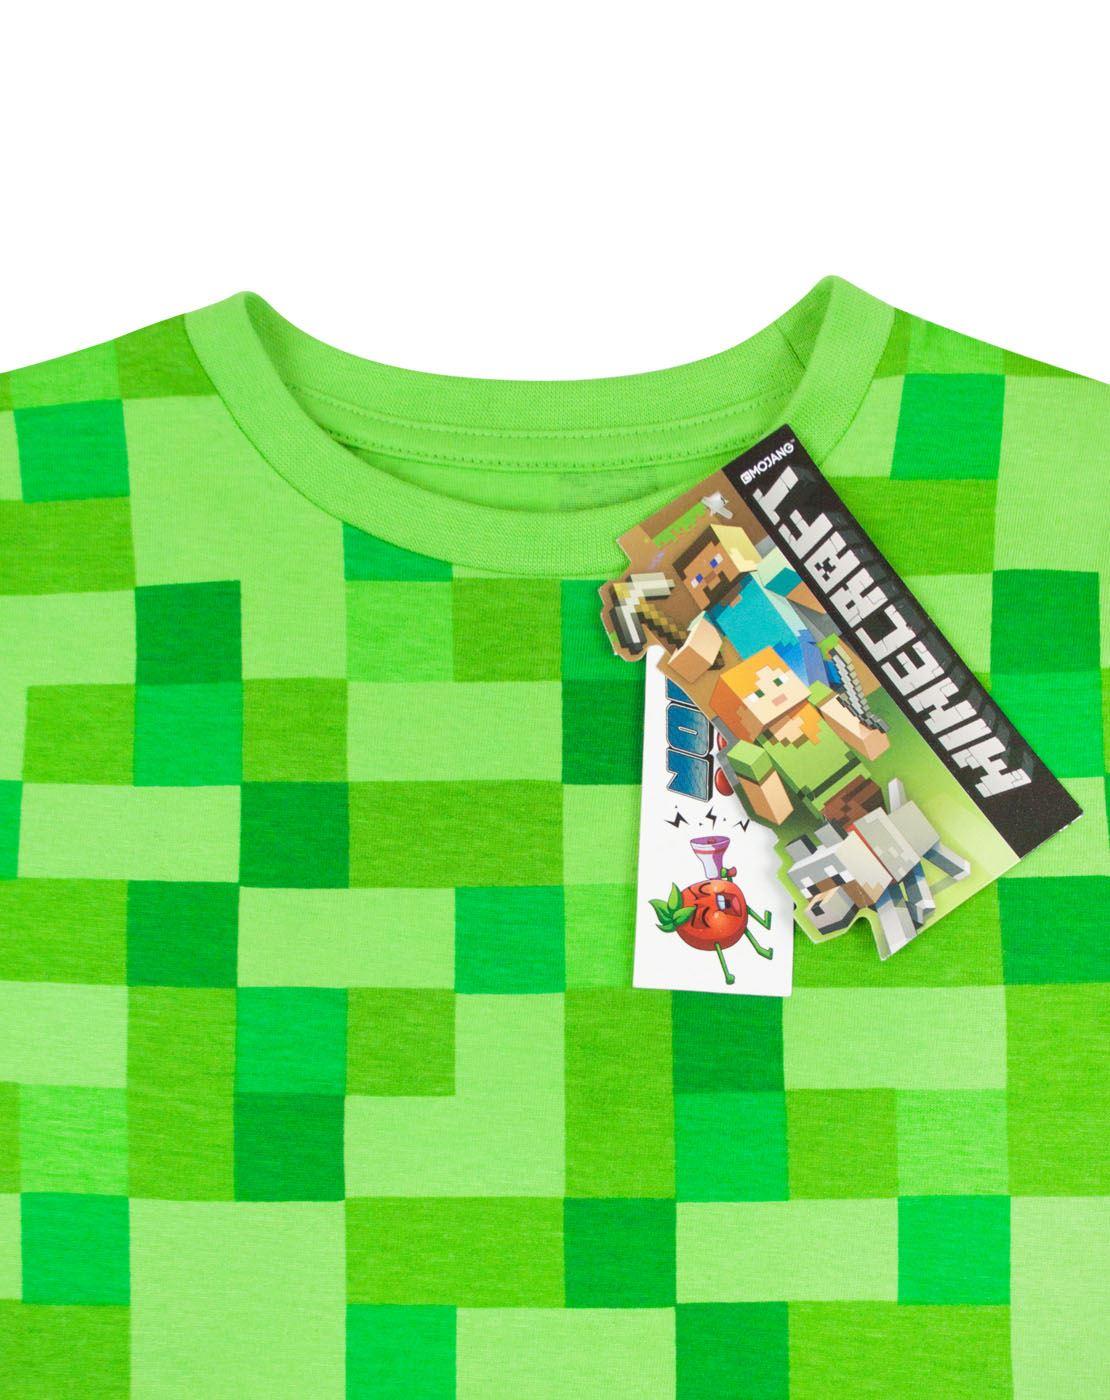 51193e465d243 T-shirt Minecraft All Over Creeper pour Garçon gamer tee-shirt vert ...